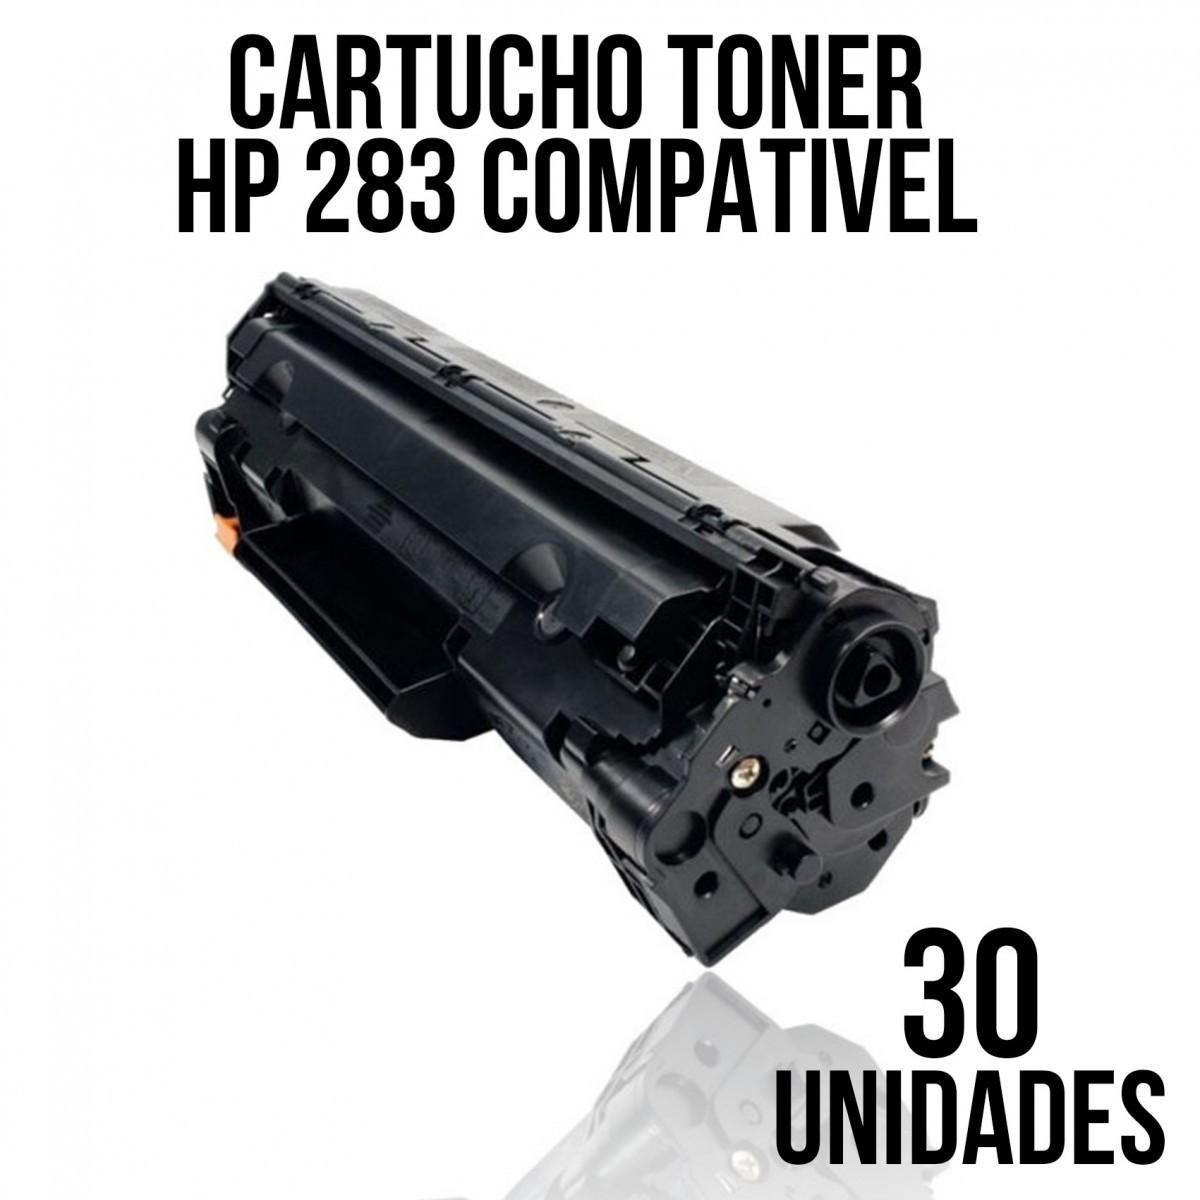 TONER COMPATÍVEL HP 283 A - COM 30 UNIDADES